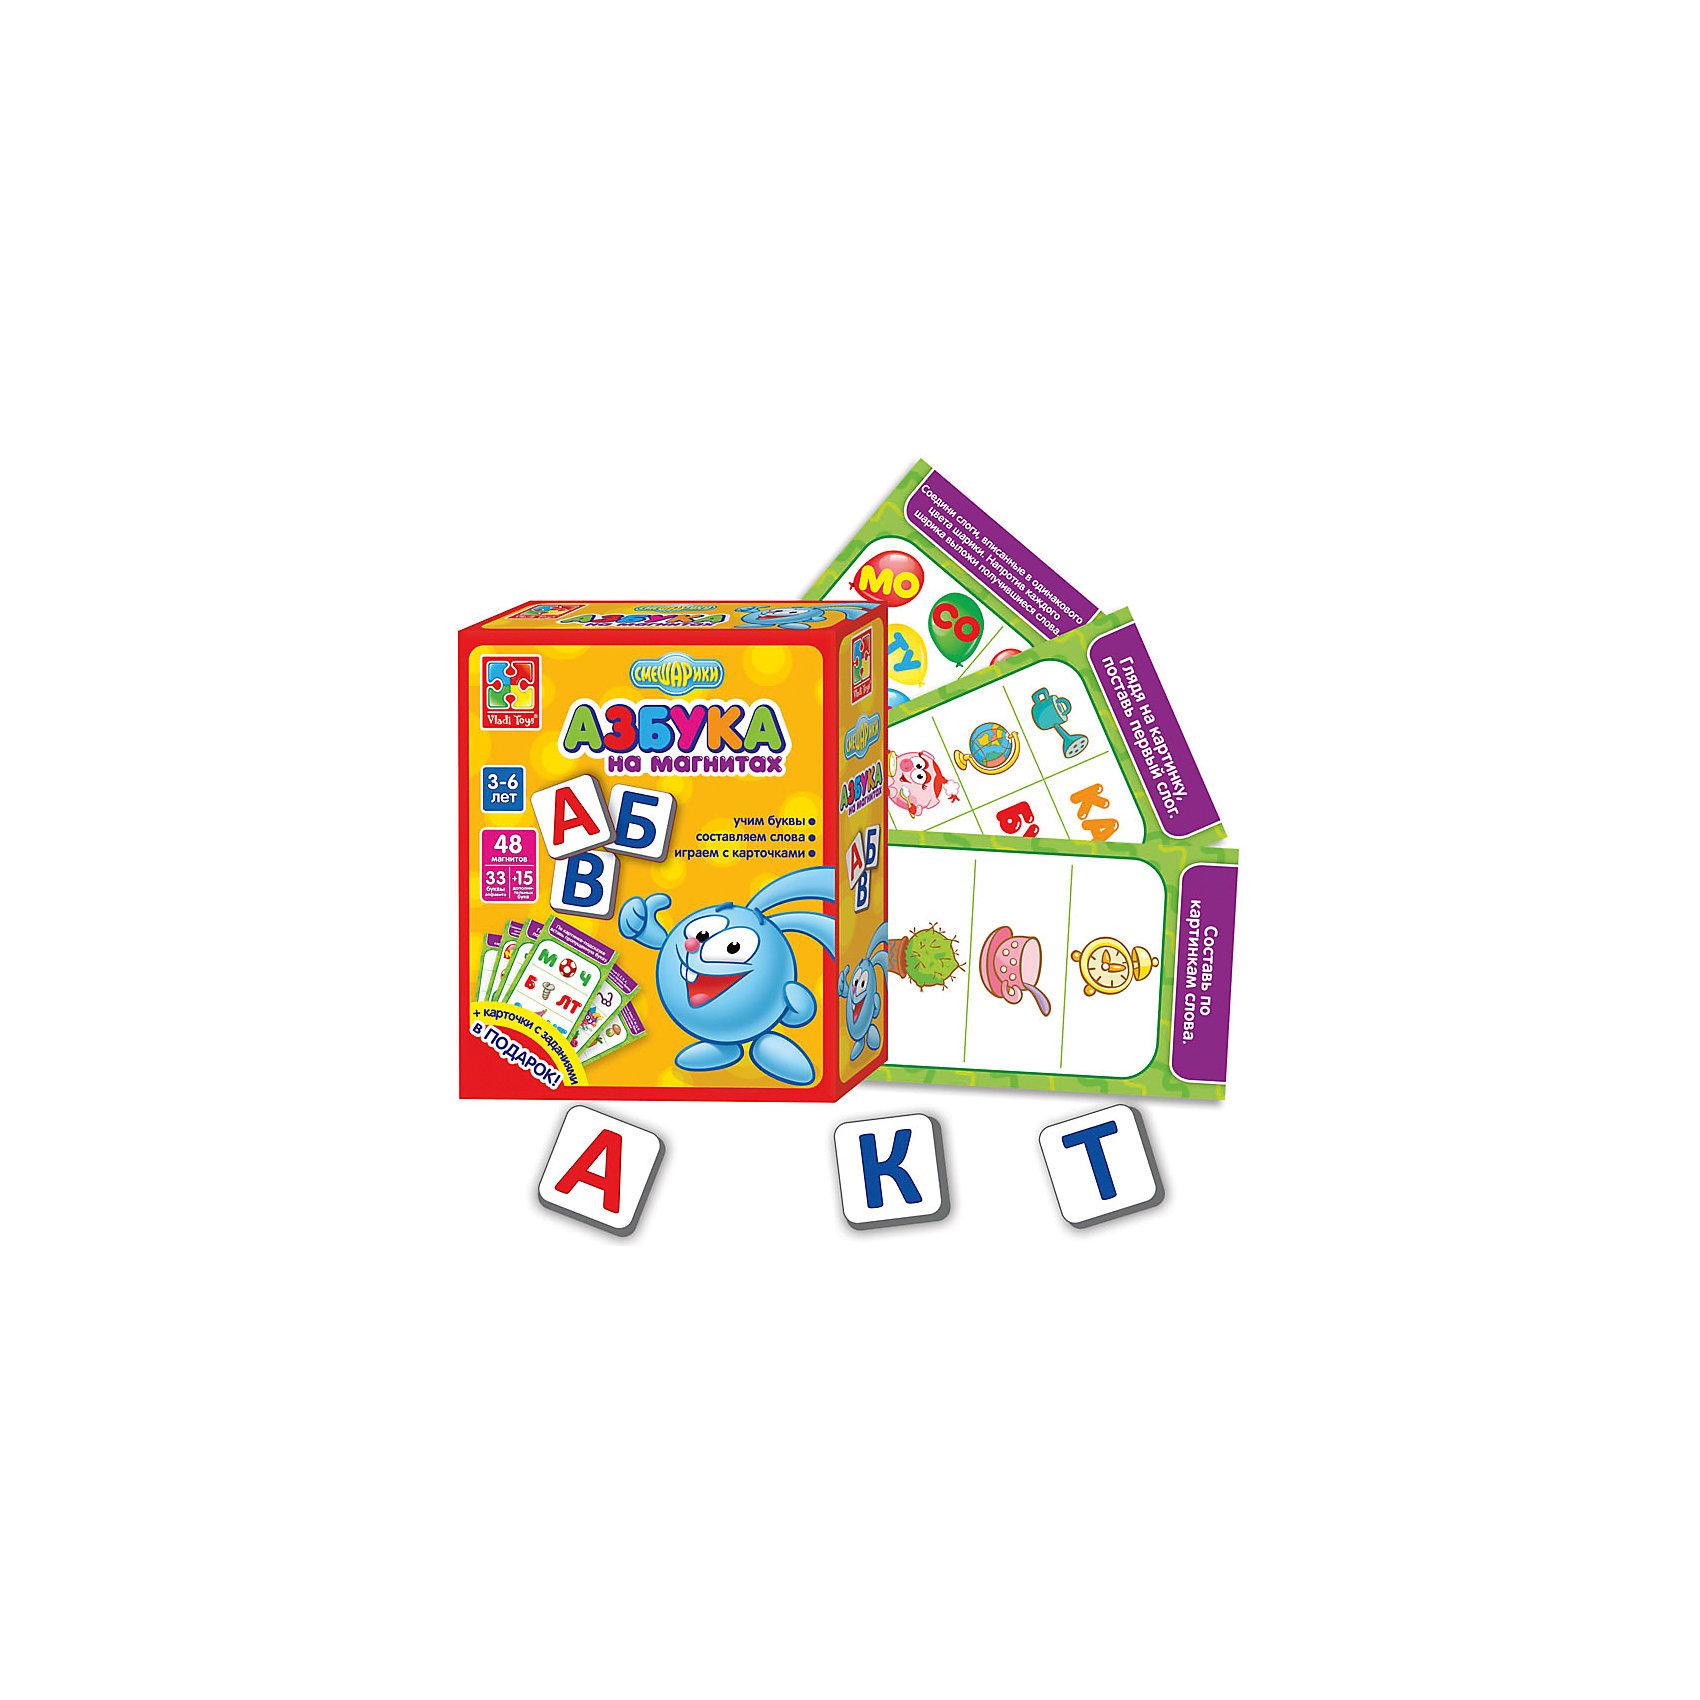 Vladi Toys Игра Азбука на магнитах, Смешарики, Vladi Toys vladi toys настольная игра больше чем азбука vladi toys